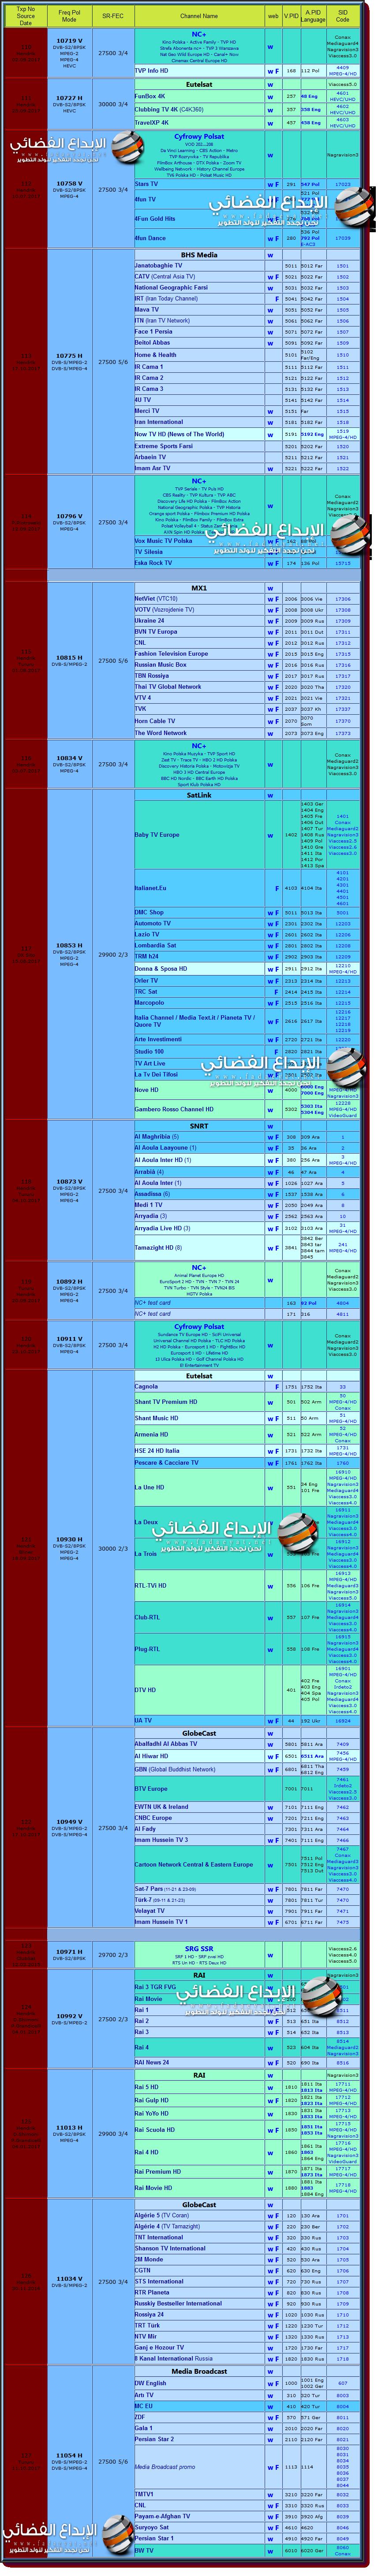 جميع ترددات قنوات الهوت بيرد لهذا العام محدث